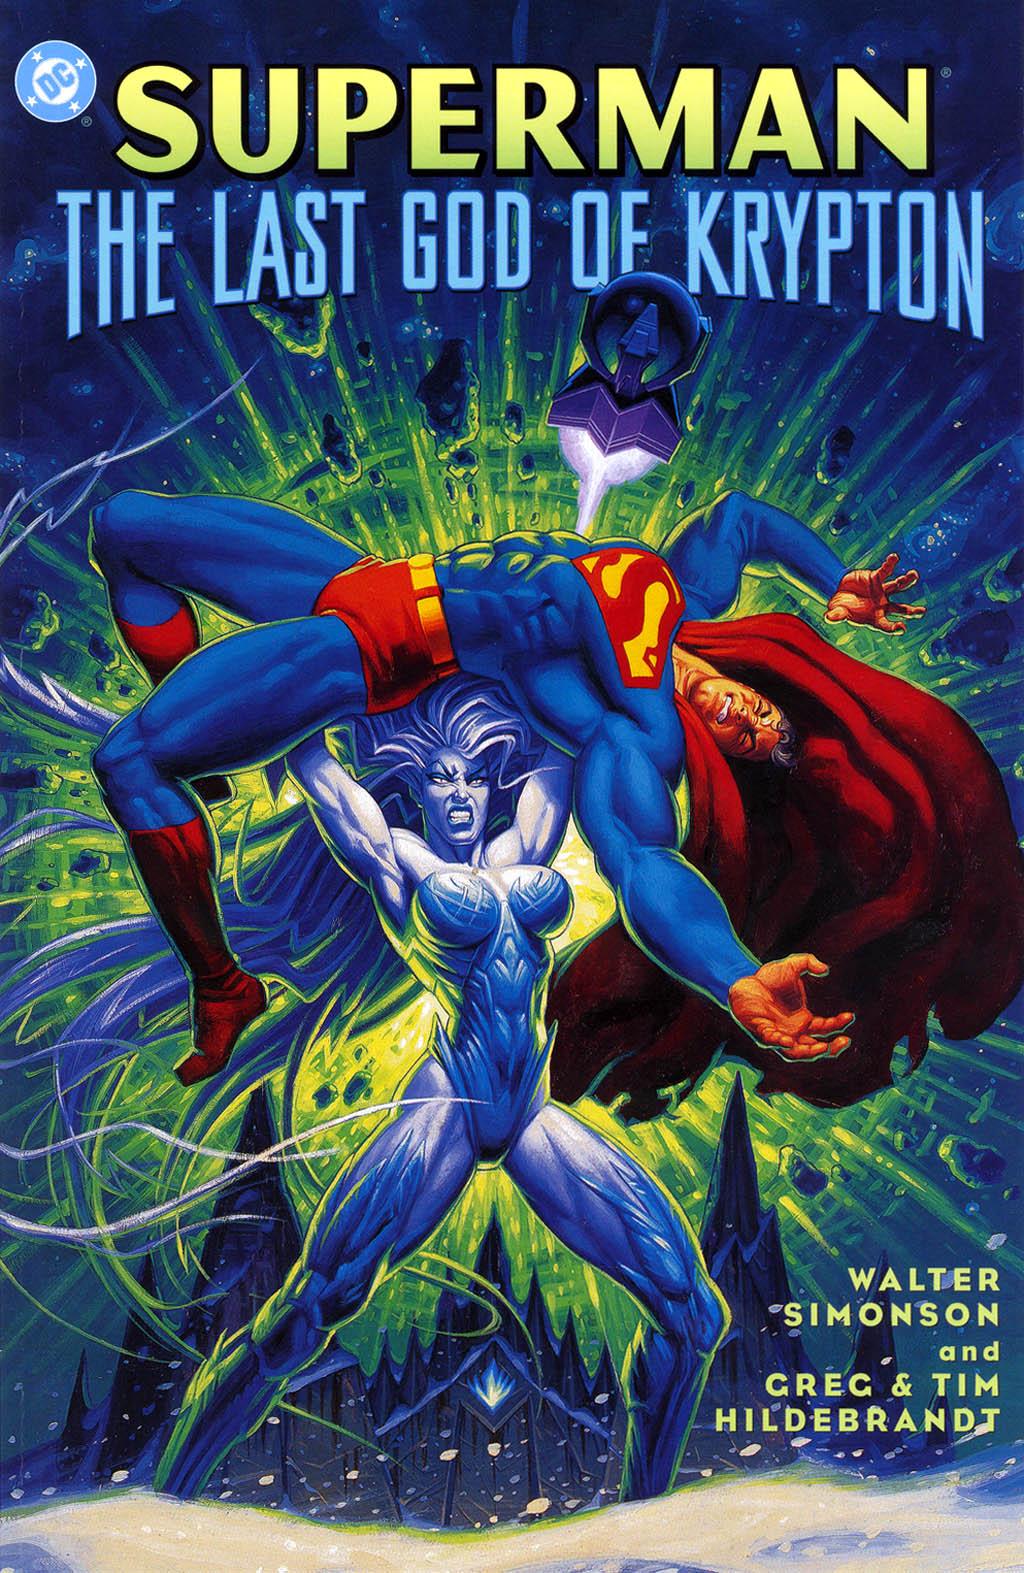 Superman: The Last God of Krypton Full Page 1